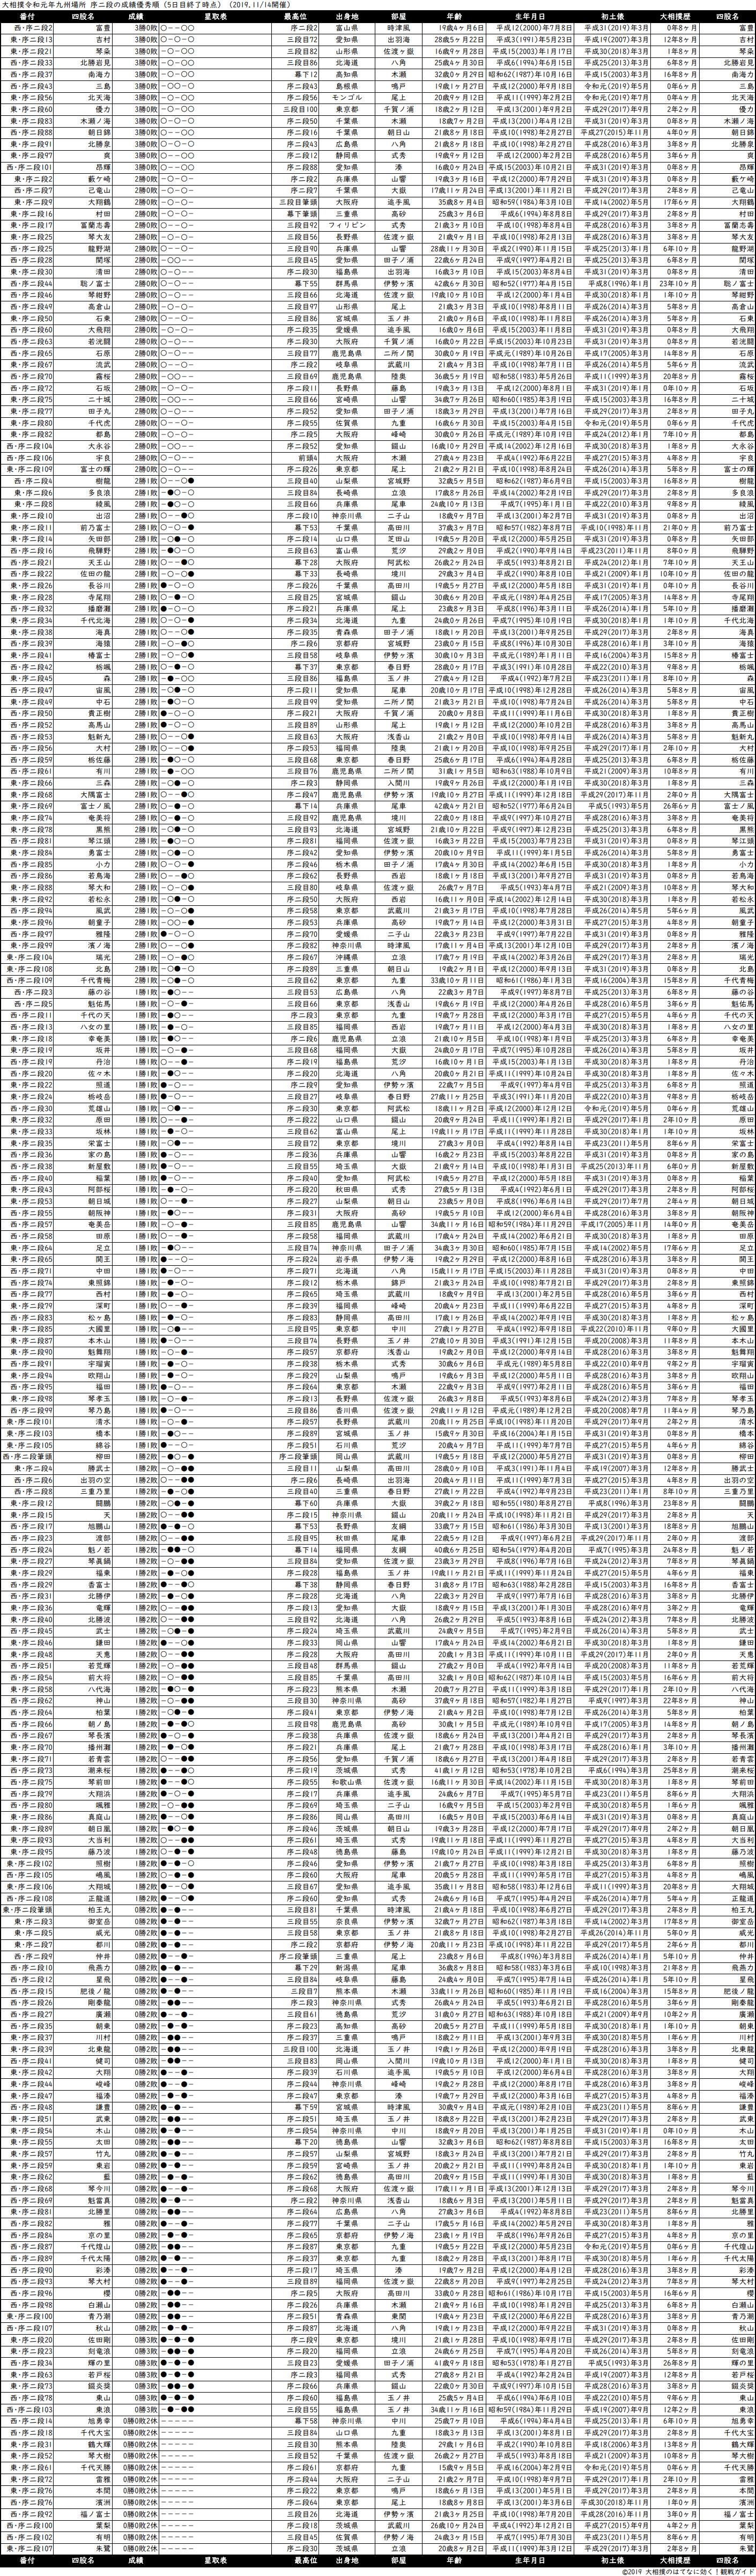 序二段成績順一覧表・2019年11月場所5日目